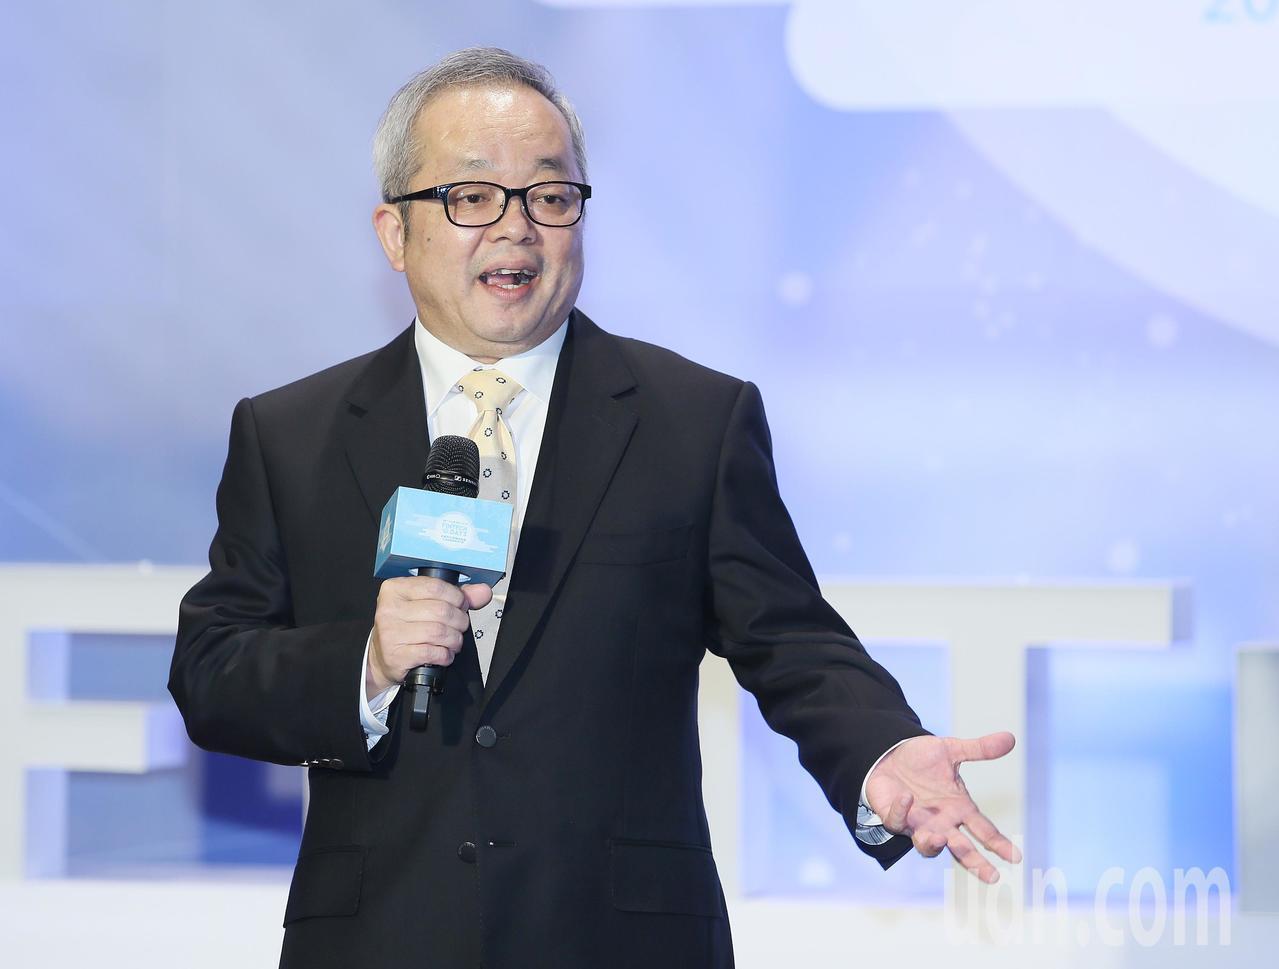 台灣金融研訓院上午舉辦金融科技前瞻高峰會,行政院副院長施俊吉表示,明年將辦屬於台...